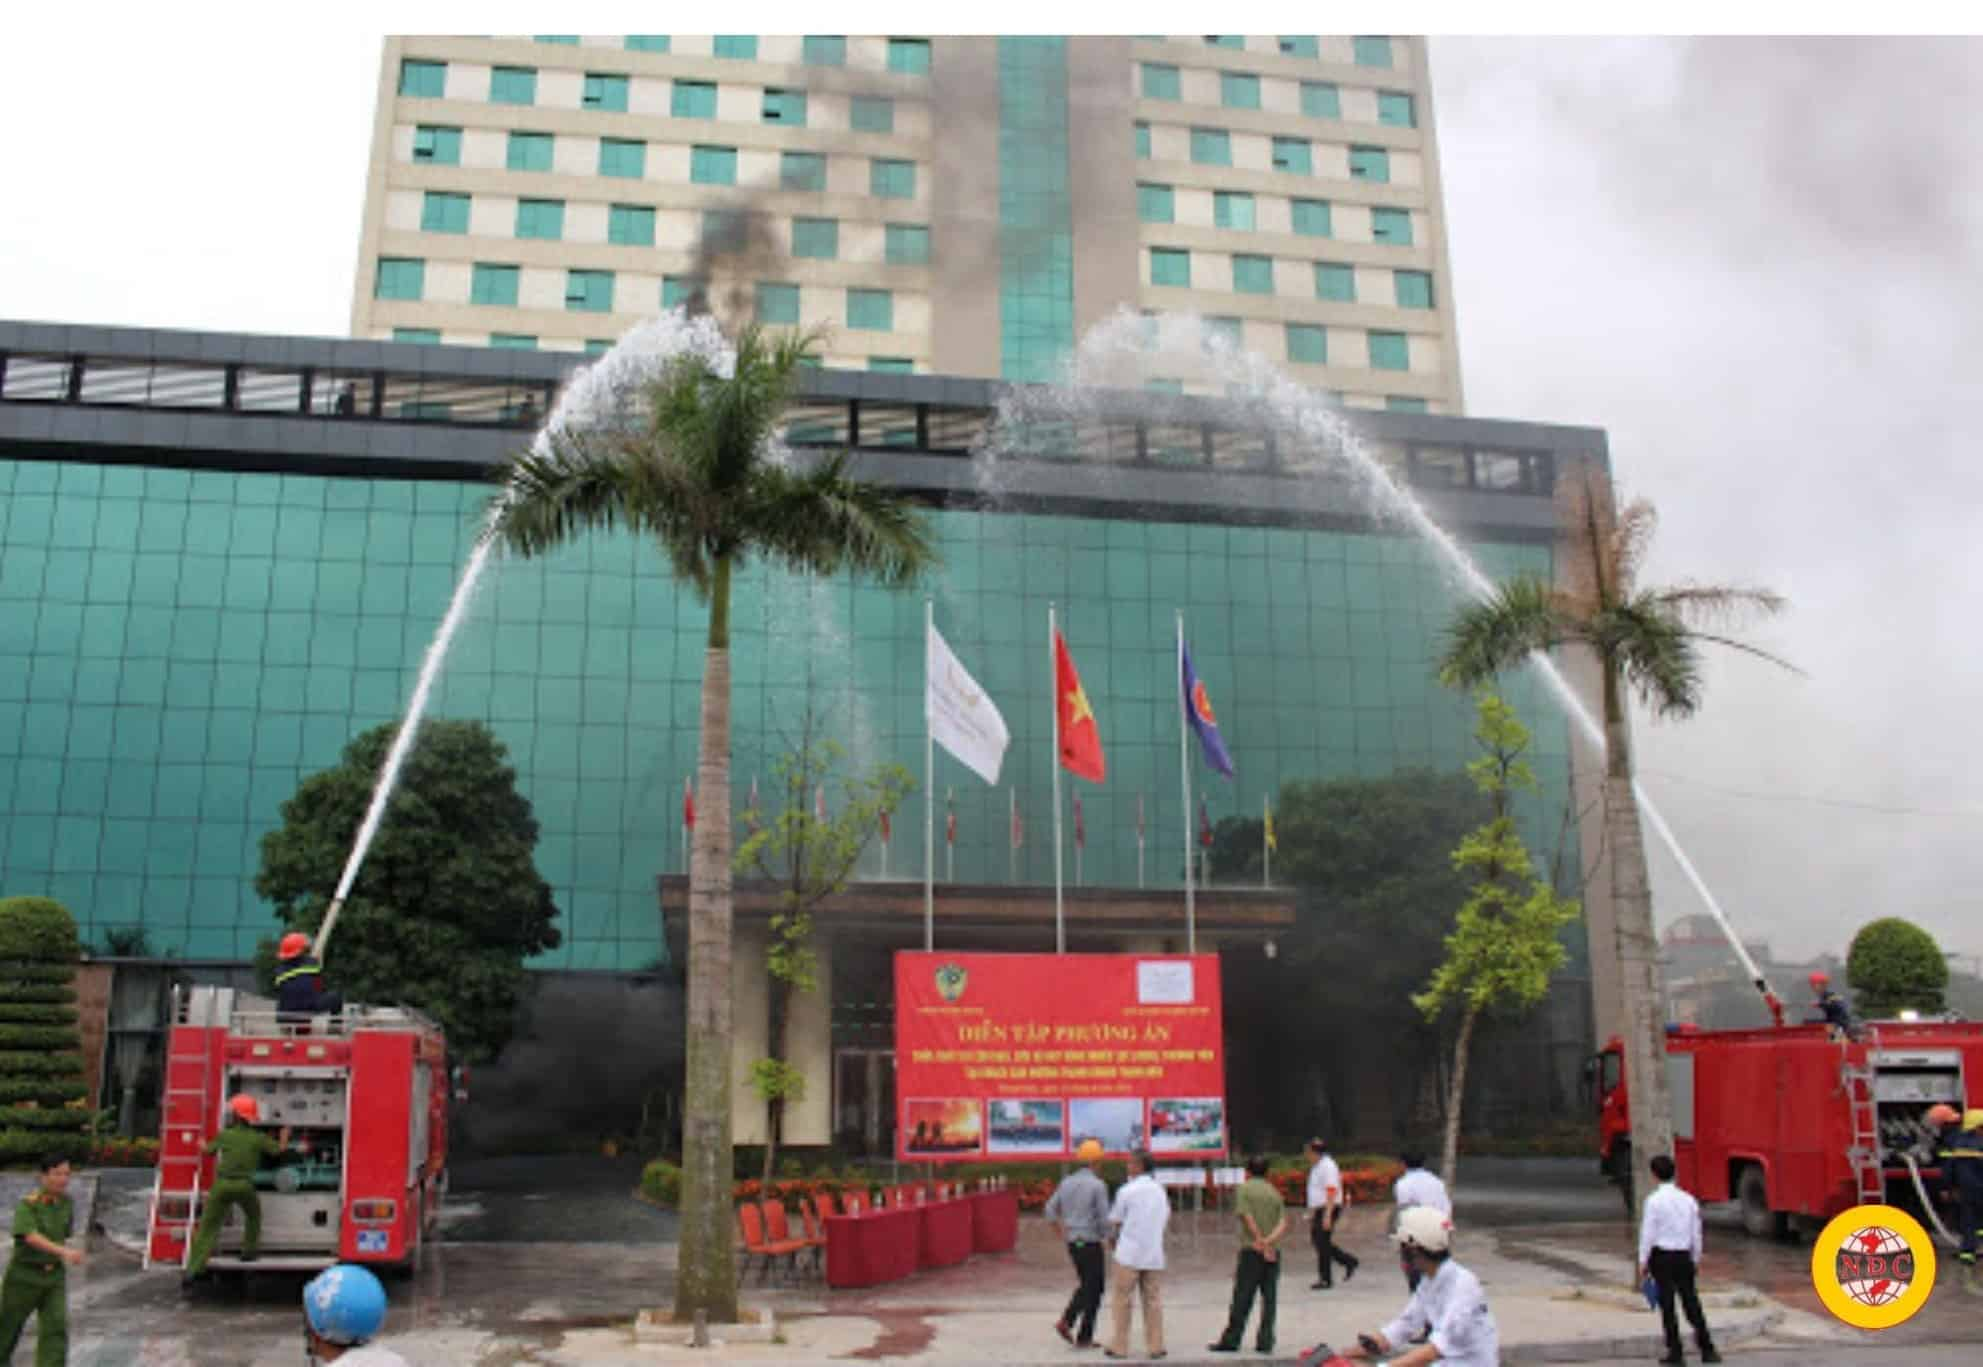 Thi Công Hệ Thống PCCC Khách Sạn | Đơn Vị Thầu PCCC Chuyên Ngiệp